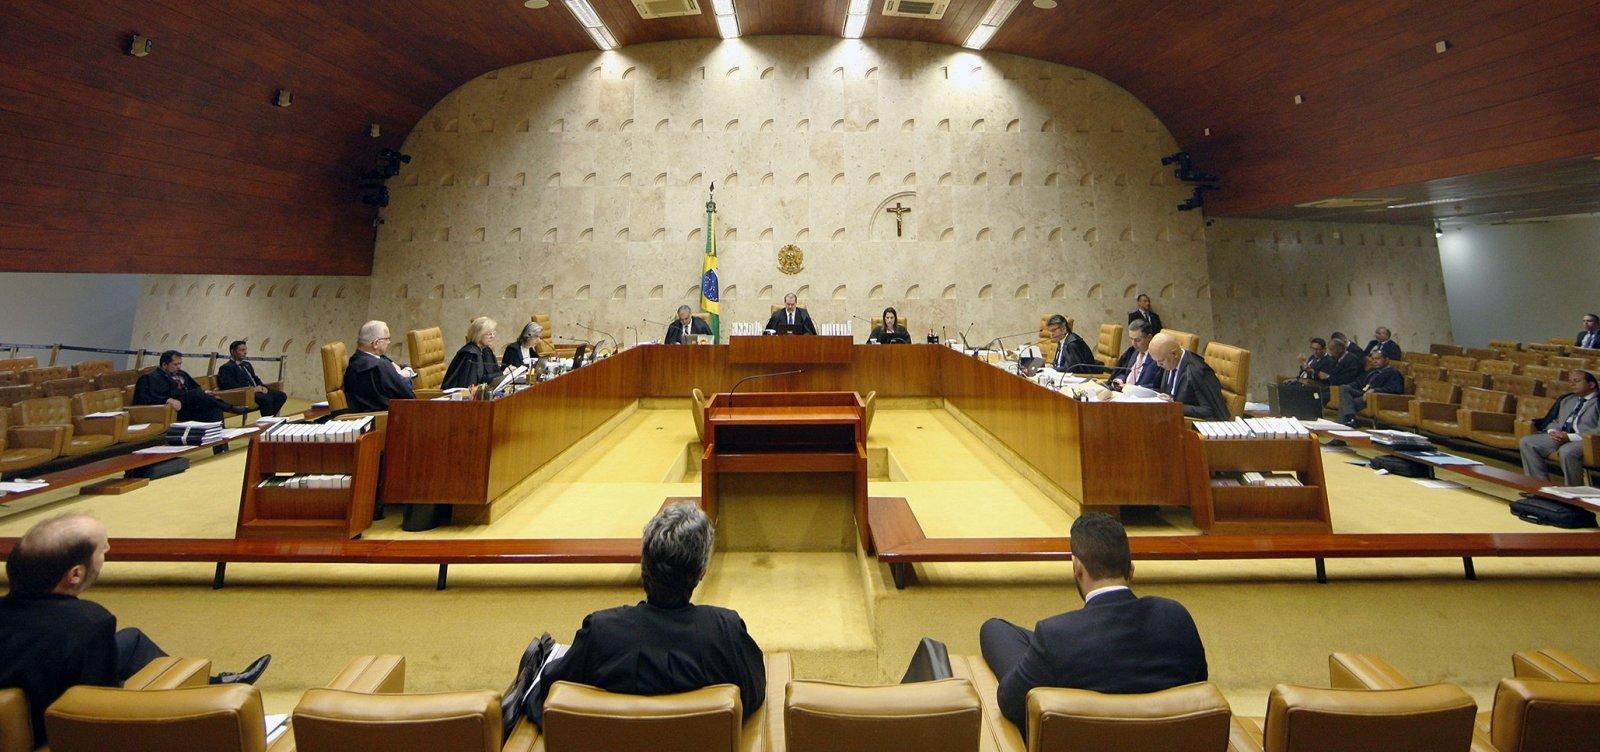 [Ministros do STF questionam foro especial para Flávio Bolsonaro]